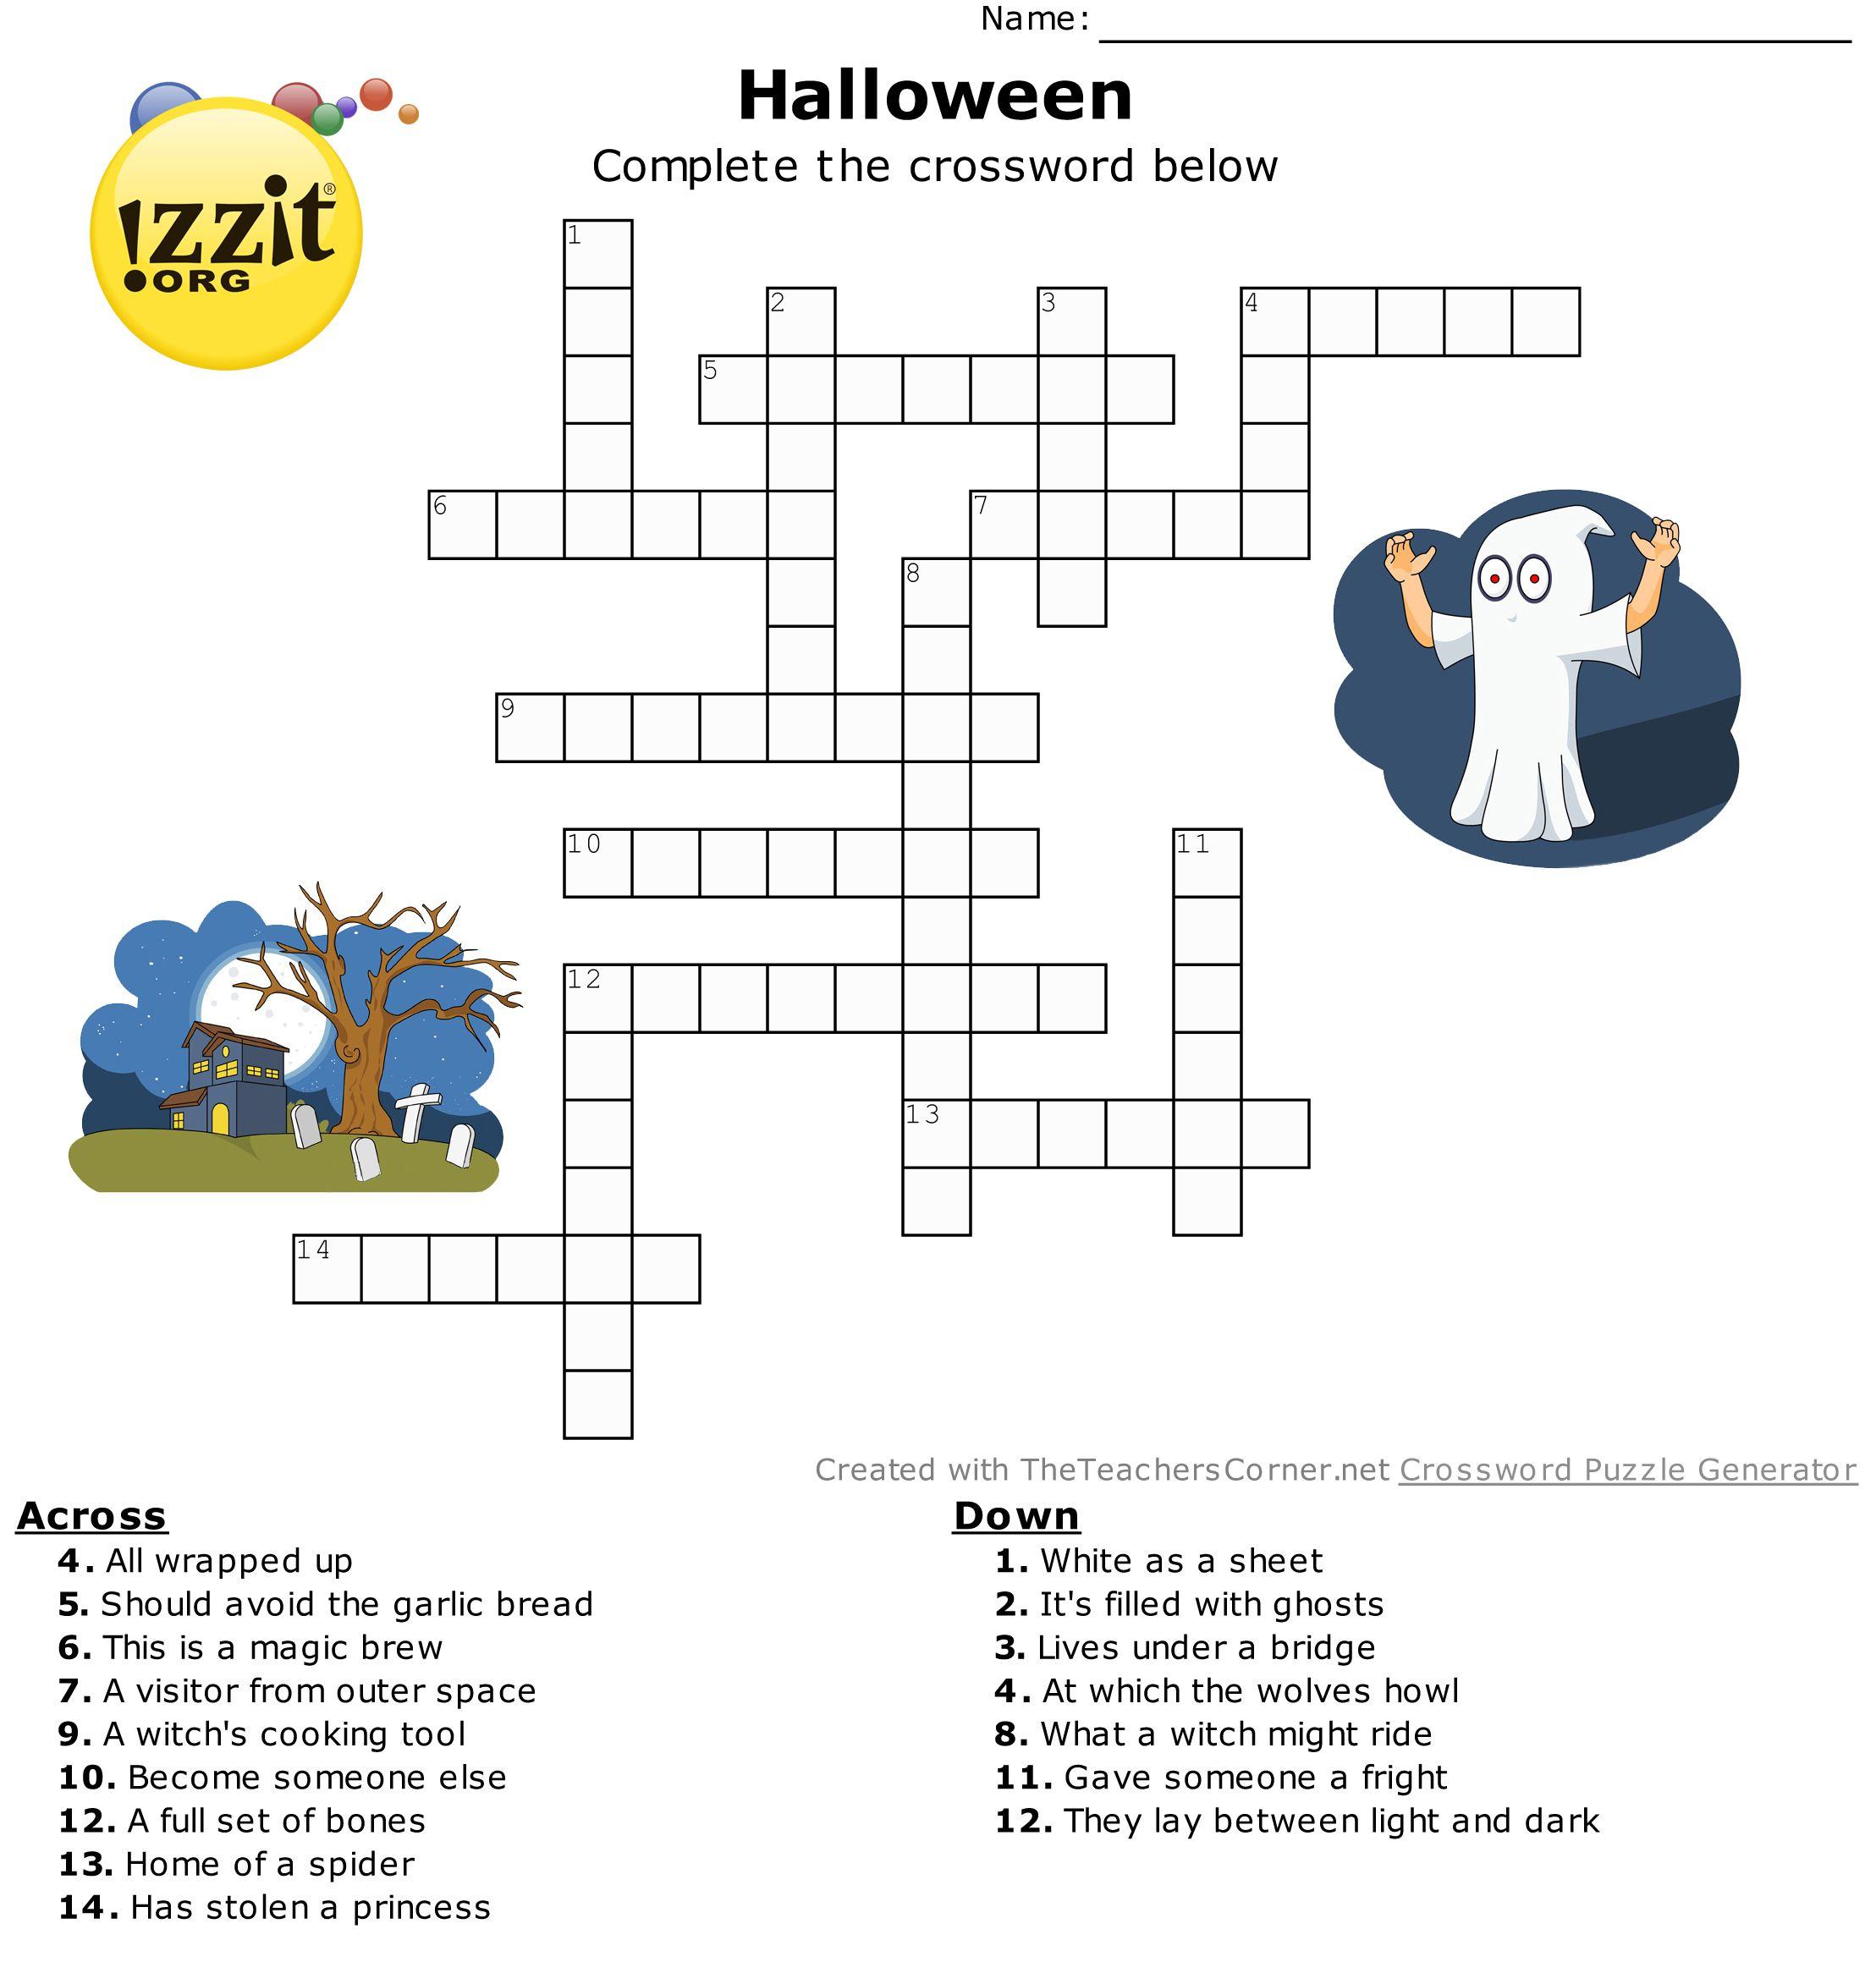 Halloween Crossword - Hard #happyhalloween 💀👻🎃   Classroom - Hard Halloween Crossword Puzzles Printable